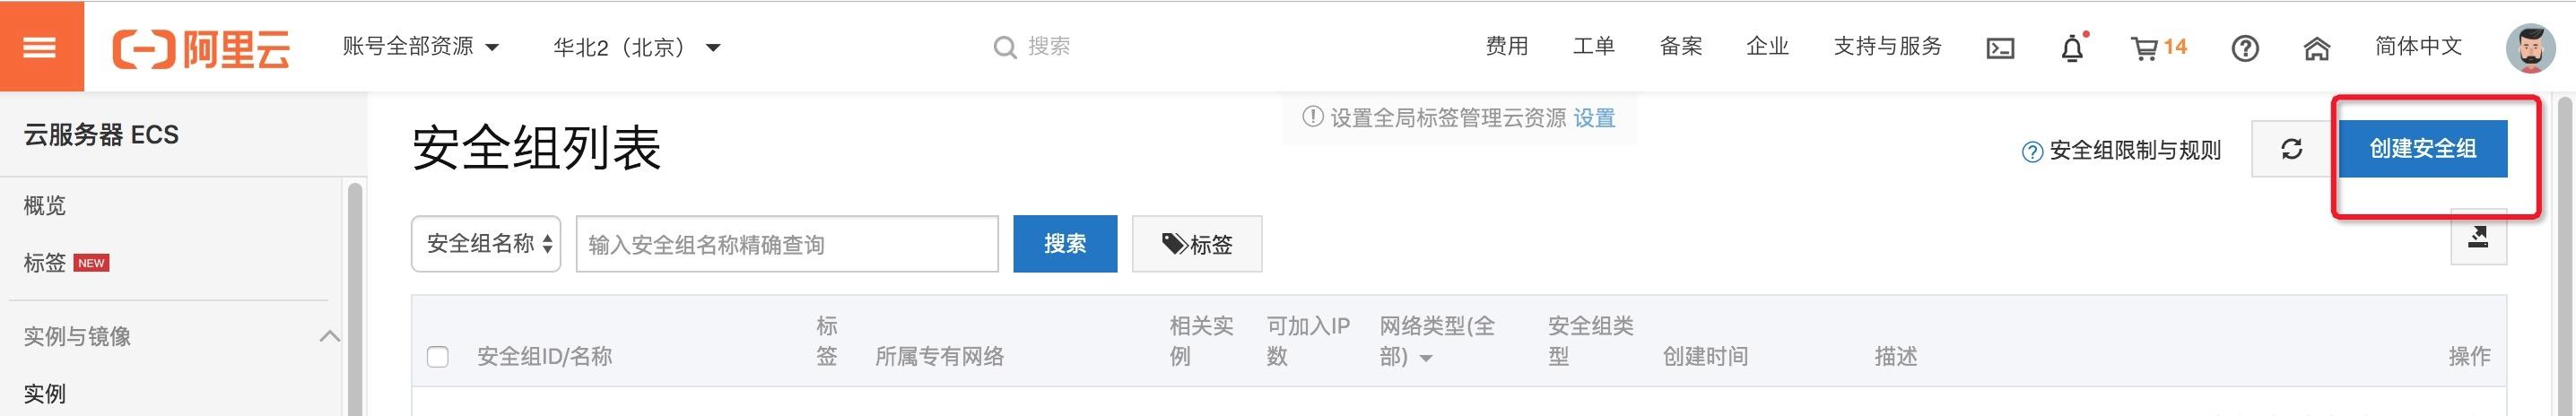 阿里云ECS服务器账号间迁移流程